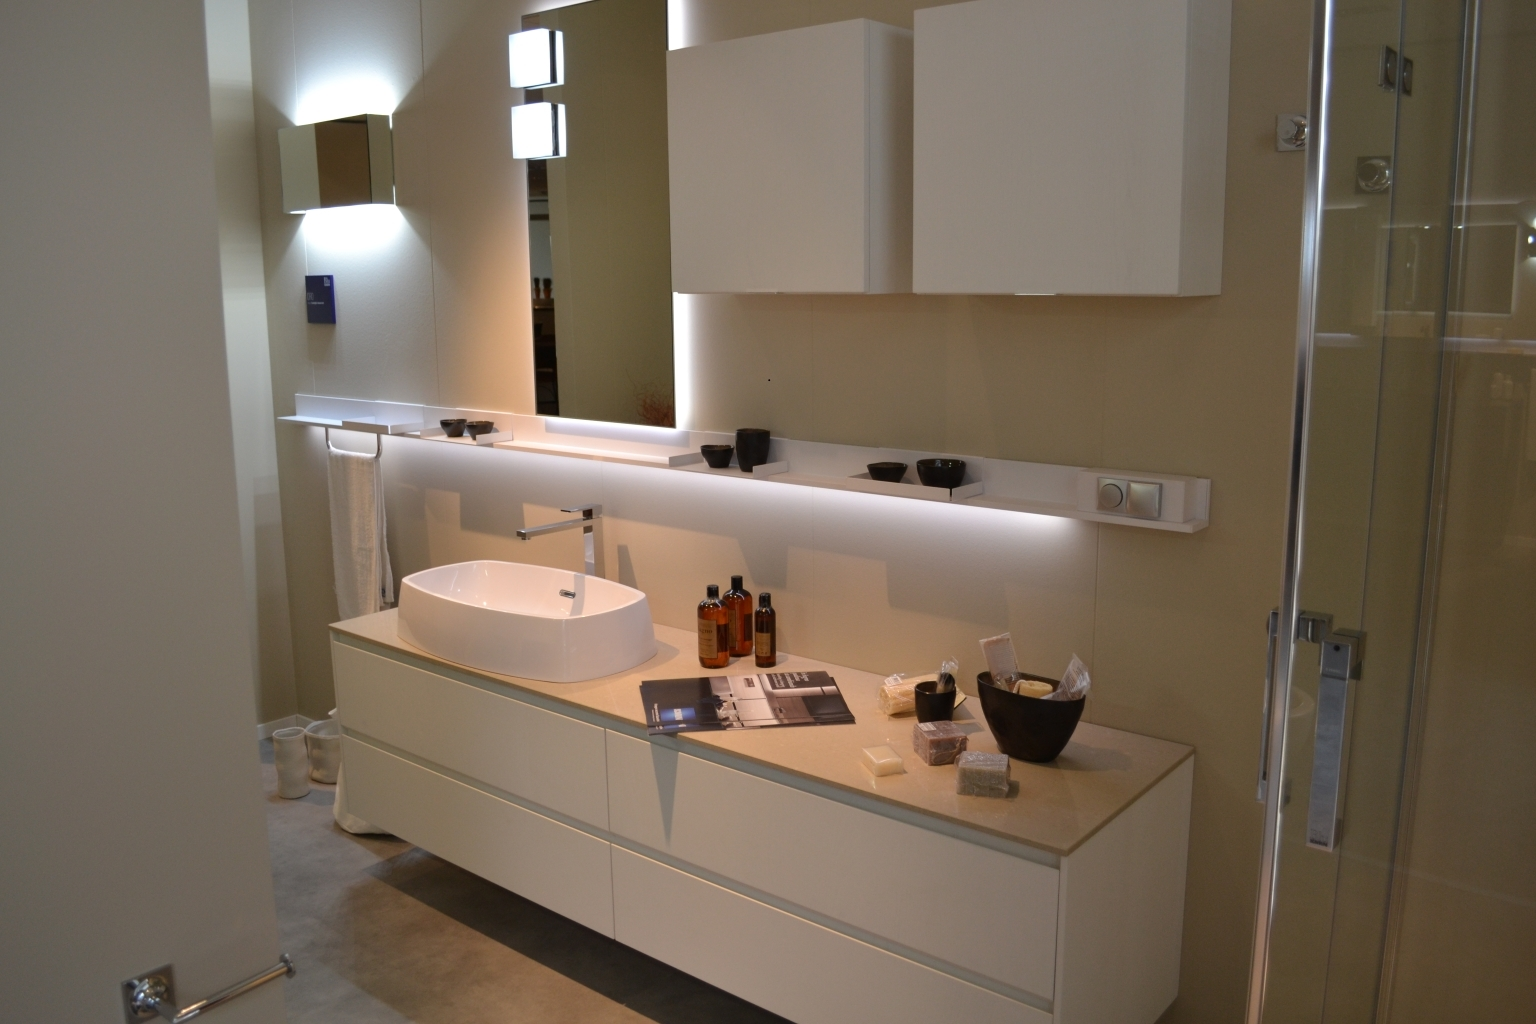 Scavolini bathrooms rivo scavolini design legno arredo bagno a prezzi scontati - Arredo bagno scavolini prezzi ...